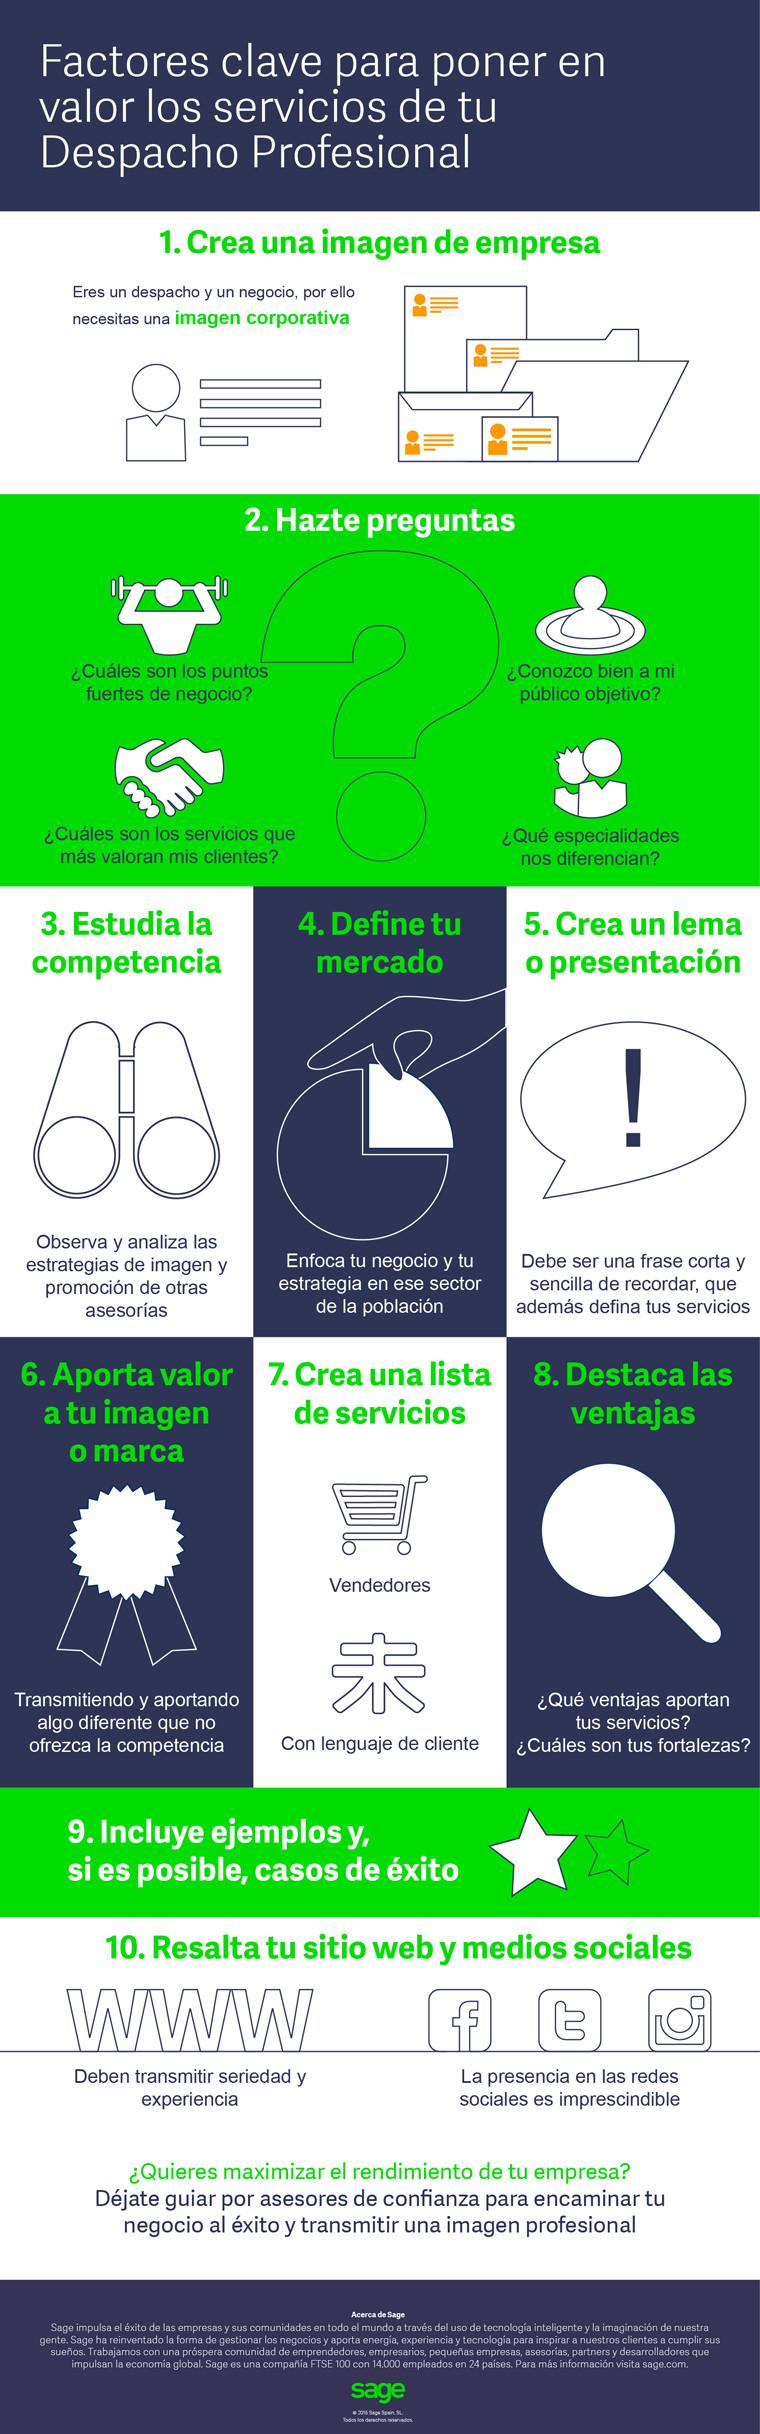 10 factores clave para poner en valor los servicios de tu Despacho Profesional